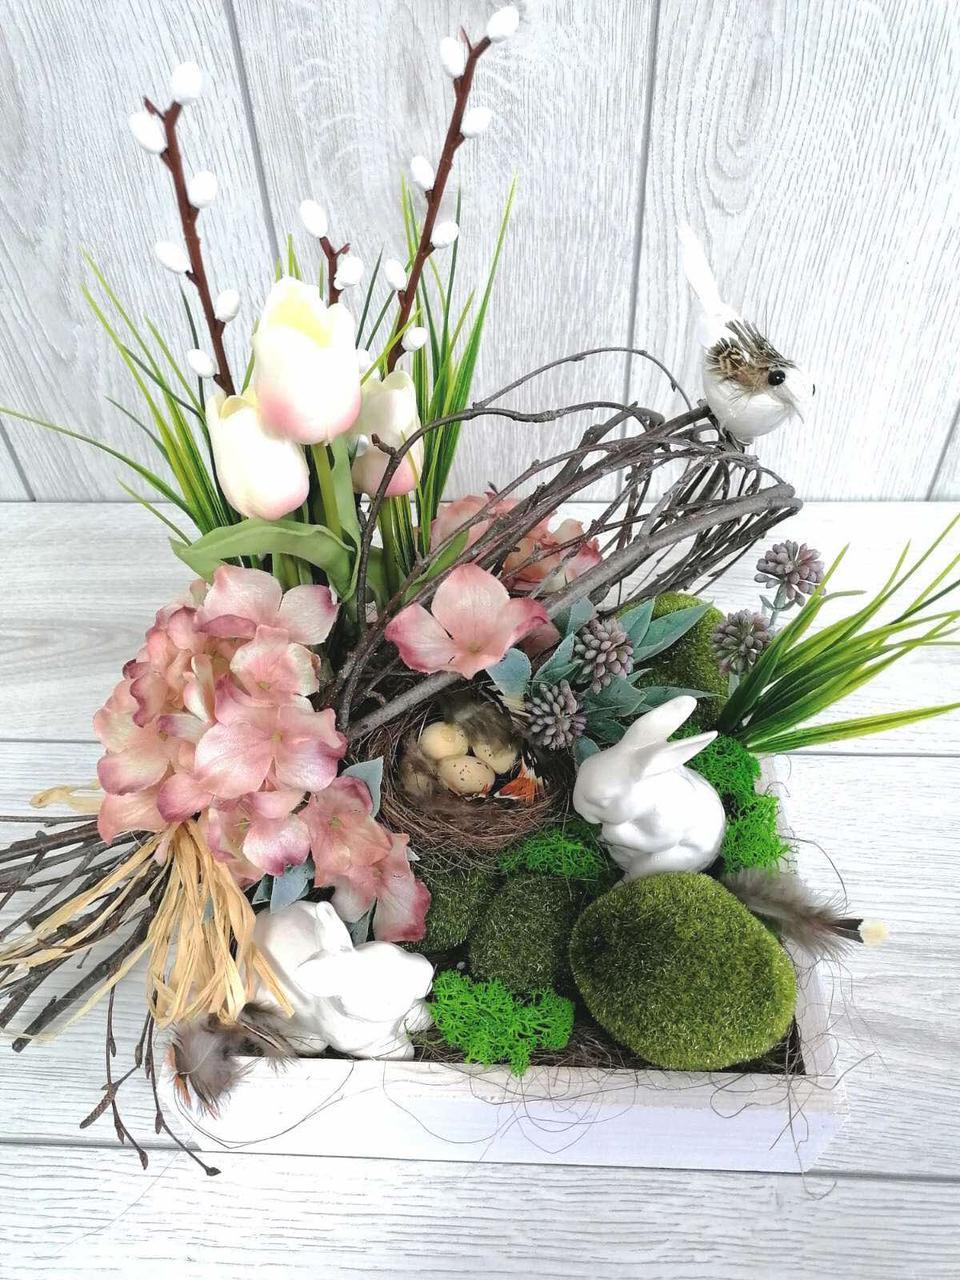 Весенняя композиция с керамическими зайцами и птенцом